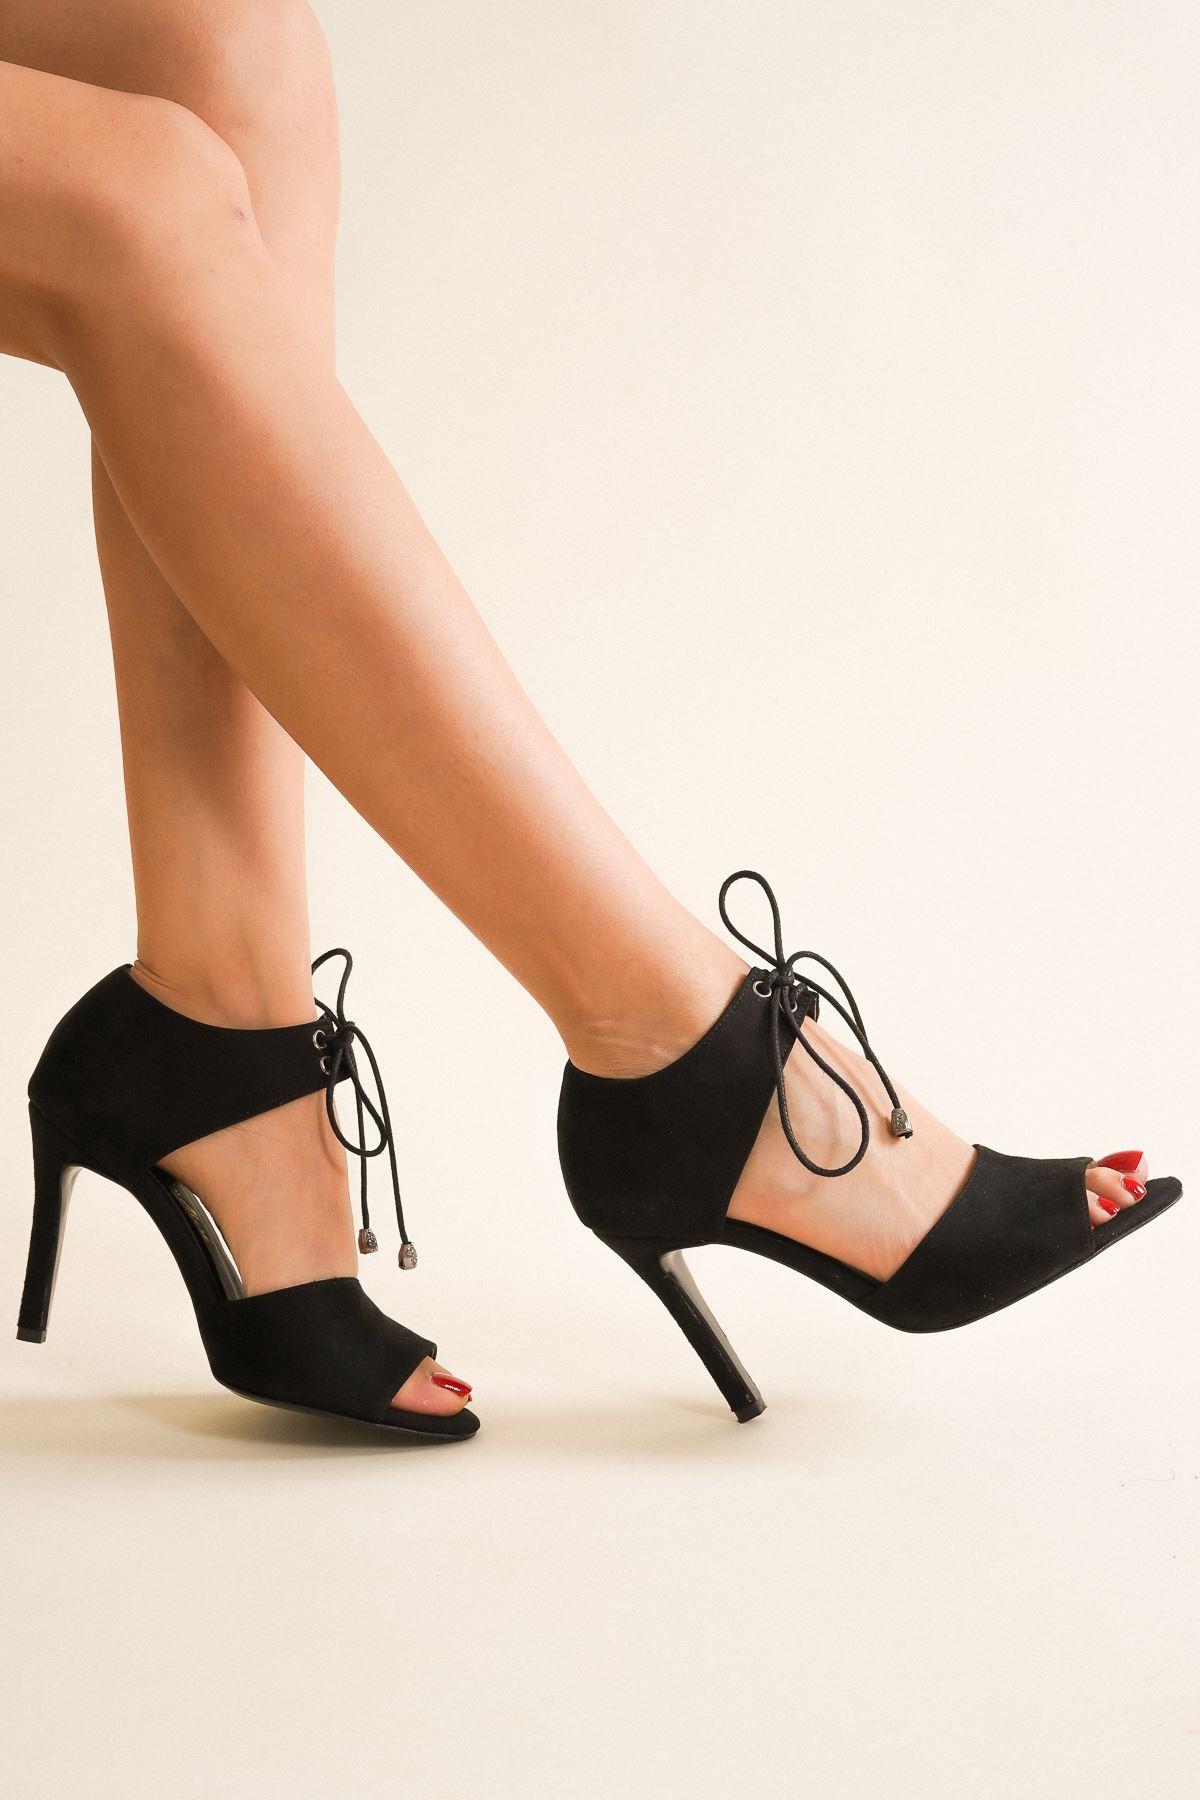 Tosna Siyah Süet Bağcıklı Kadın Topuklu Ayakkabı